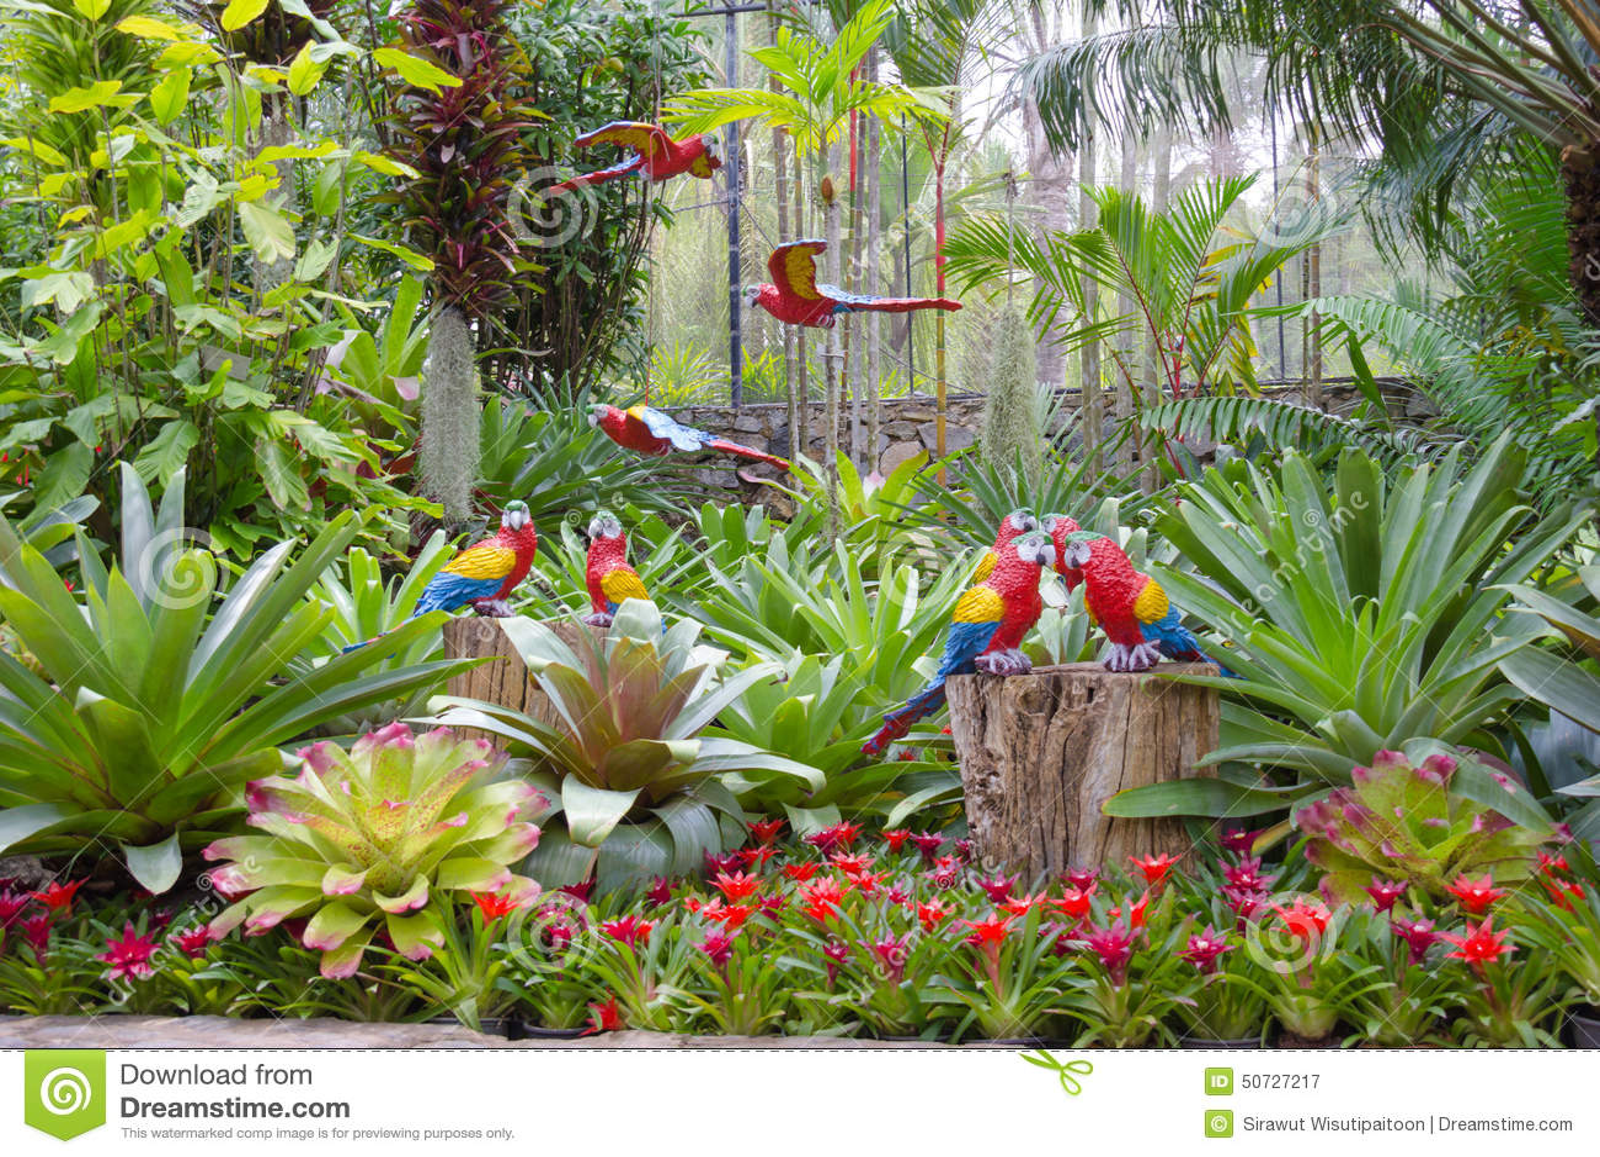 Le Perroquet Synthtique Comme Dcoration De Jardin Dans